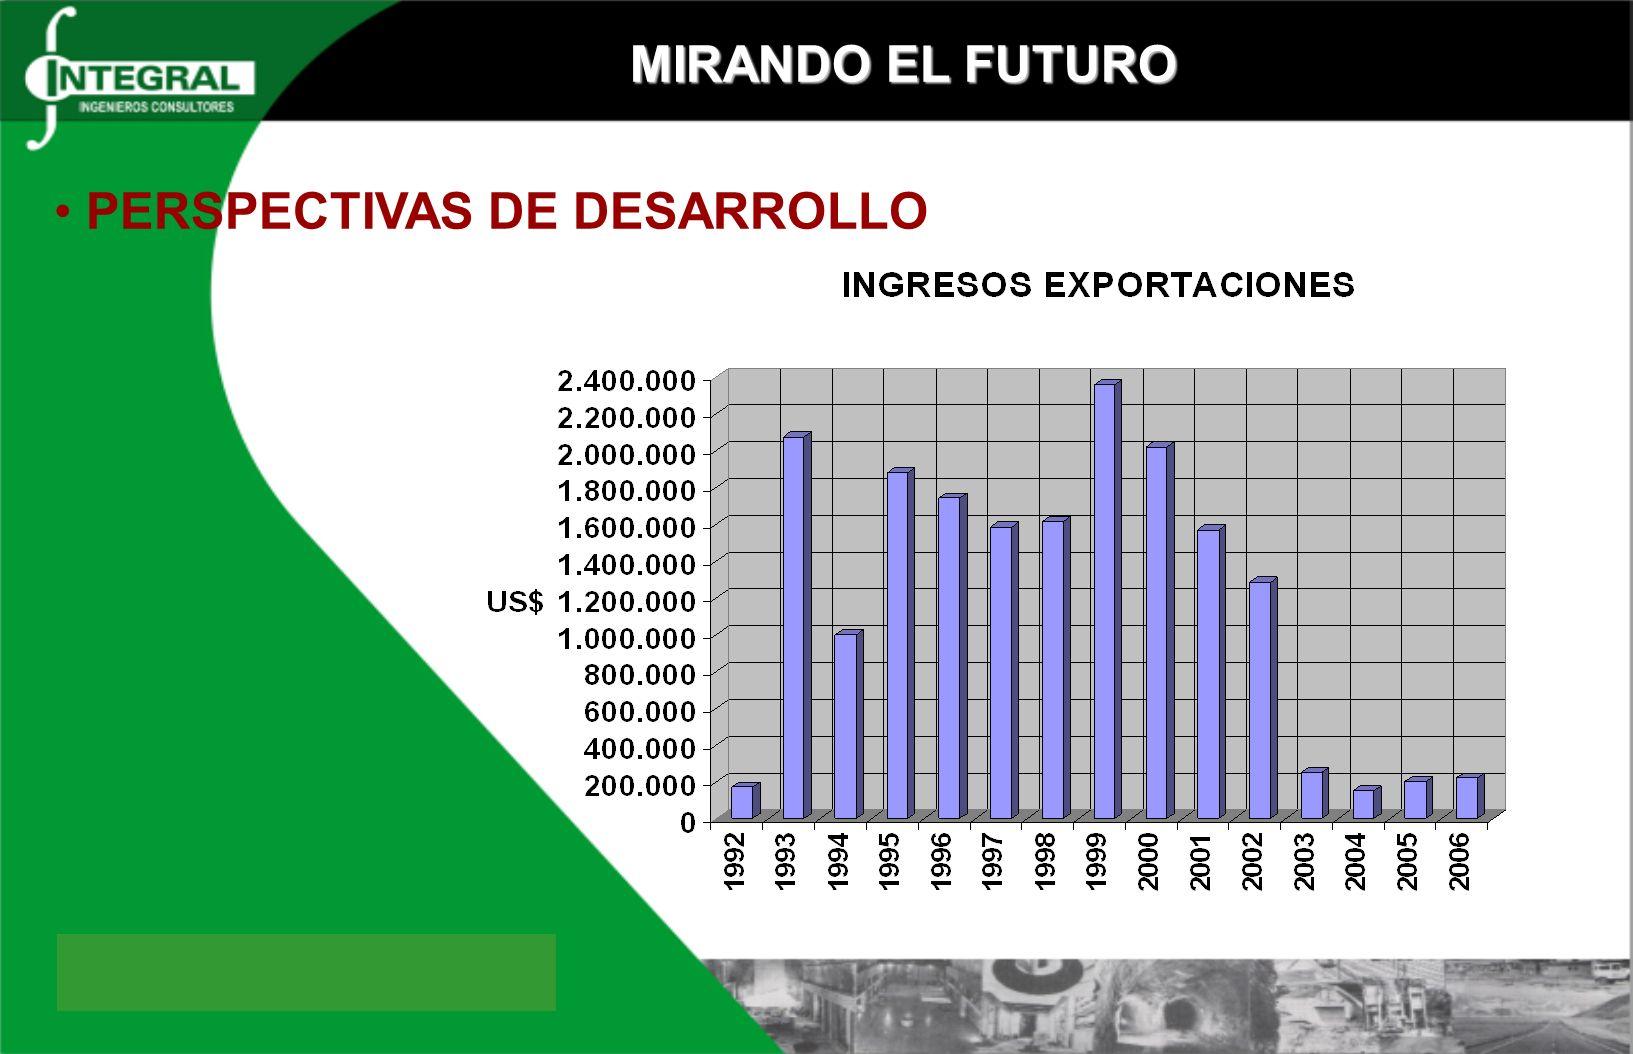 MIRANDO EL FUTURO PERSPECTIVAS DE DESARROLLO